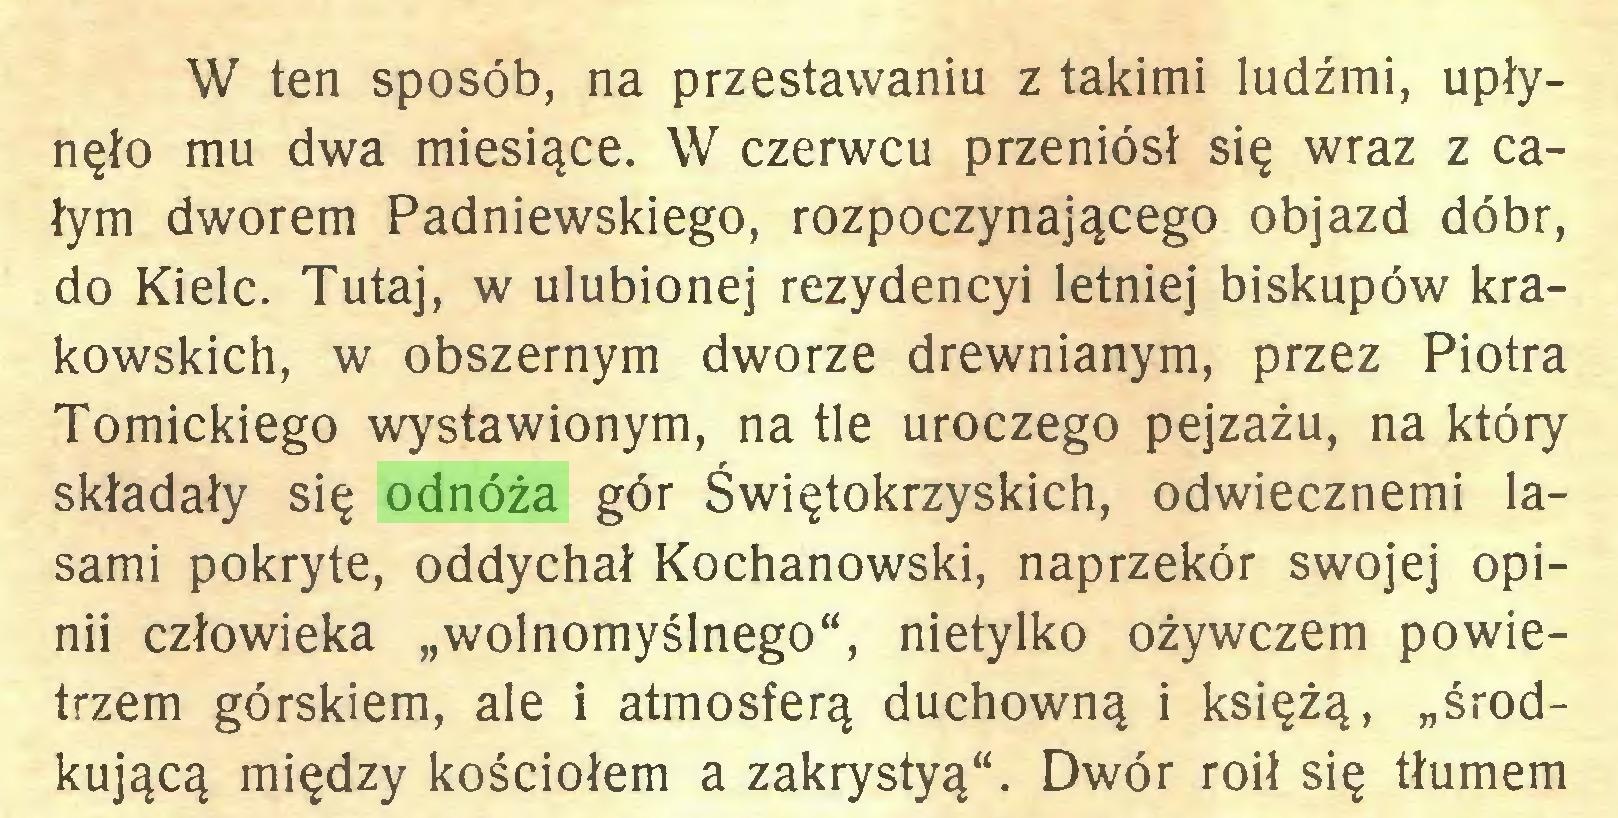 """(...) W ten sposób, na przestawaniu z takimi ludźmi, upłynęło mu dwa miesiące. W czerwcu przeniósł się wraz z całym dworem Padniewskiego, rozpoczynającego objazd dóbr, do Kielc. Tutaj, w ulubionej rezydencyi letniej biskupów krakowskich, w obszernym dworze drewnianym, przez Piotra Tomickiego wystawionym, na tle uroczego pejzażu, na który składały się odnóża gór Świętokrzyskich, odwiecznemi lasami pokryte, oddychał Kochanowski, naprzekór swojej opinii człowieka """"wolnomyślnego"""", nietylko ożywczem powietrzem górskiem, ale i atmosferą duchowną i księżą, """"środkującą między kościołem a zakrystyą"""". Dwór roił się tłumem..."""